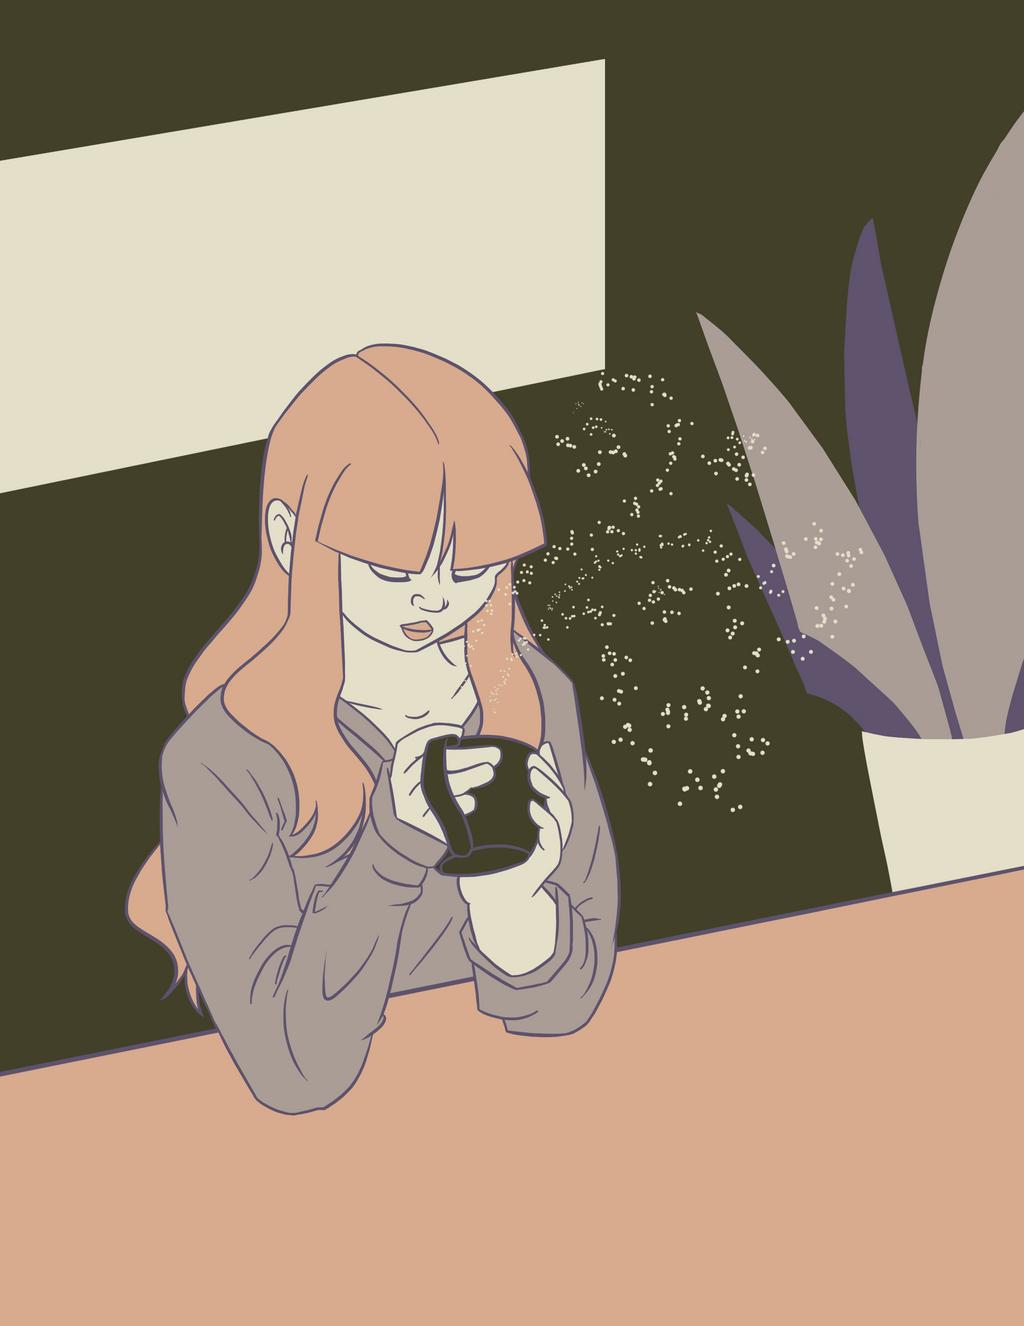 coffee_break_by_theblueprintforlife-d67y